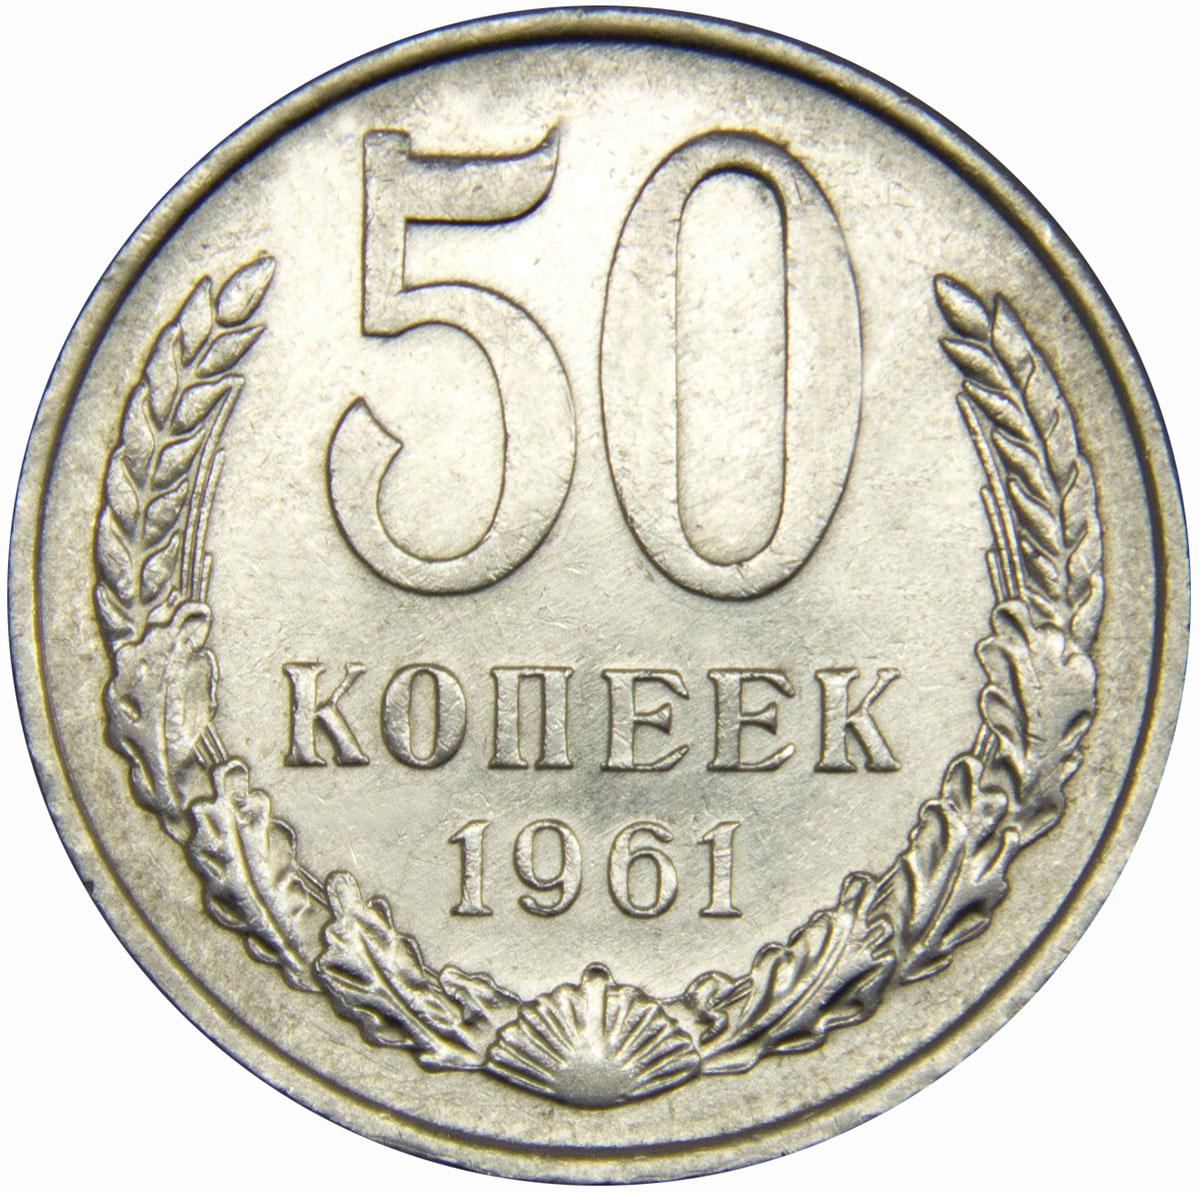 Монета номиналом 50 копеек. Медно-никелевый сплав. Сохранность XF. СССР, 1961 год739Диаметр монеты: 24 мм Вес: 4,4 г. Материал: медь-никель Гурт: гладкий